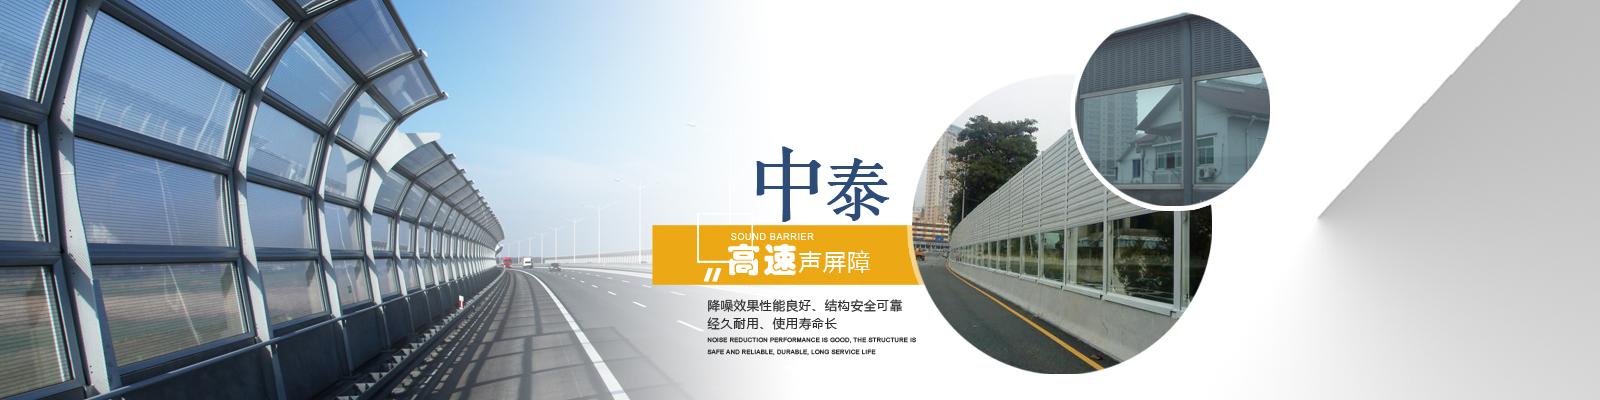 安平县中泰钢板网业有限公司